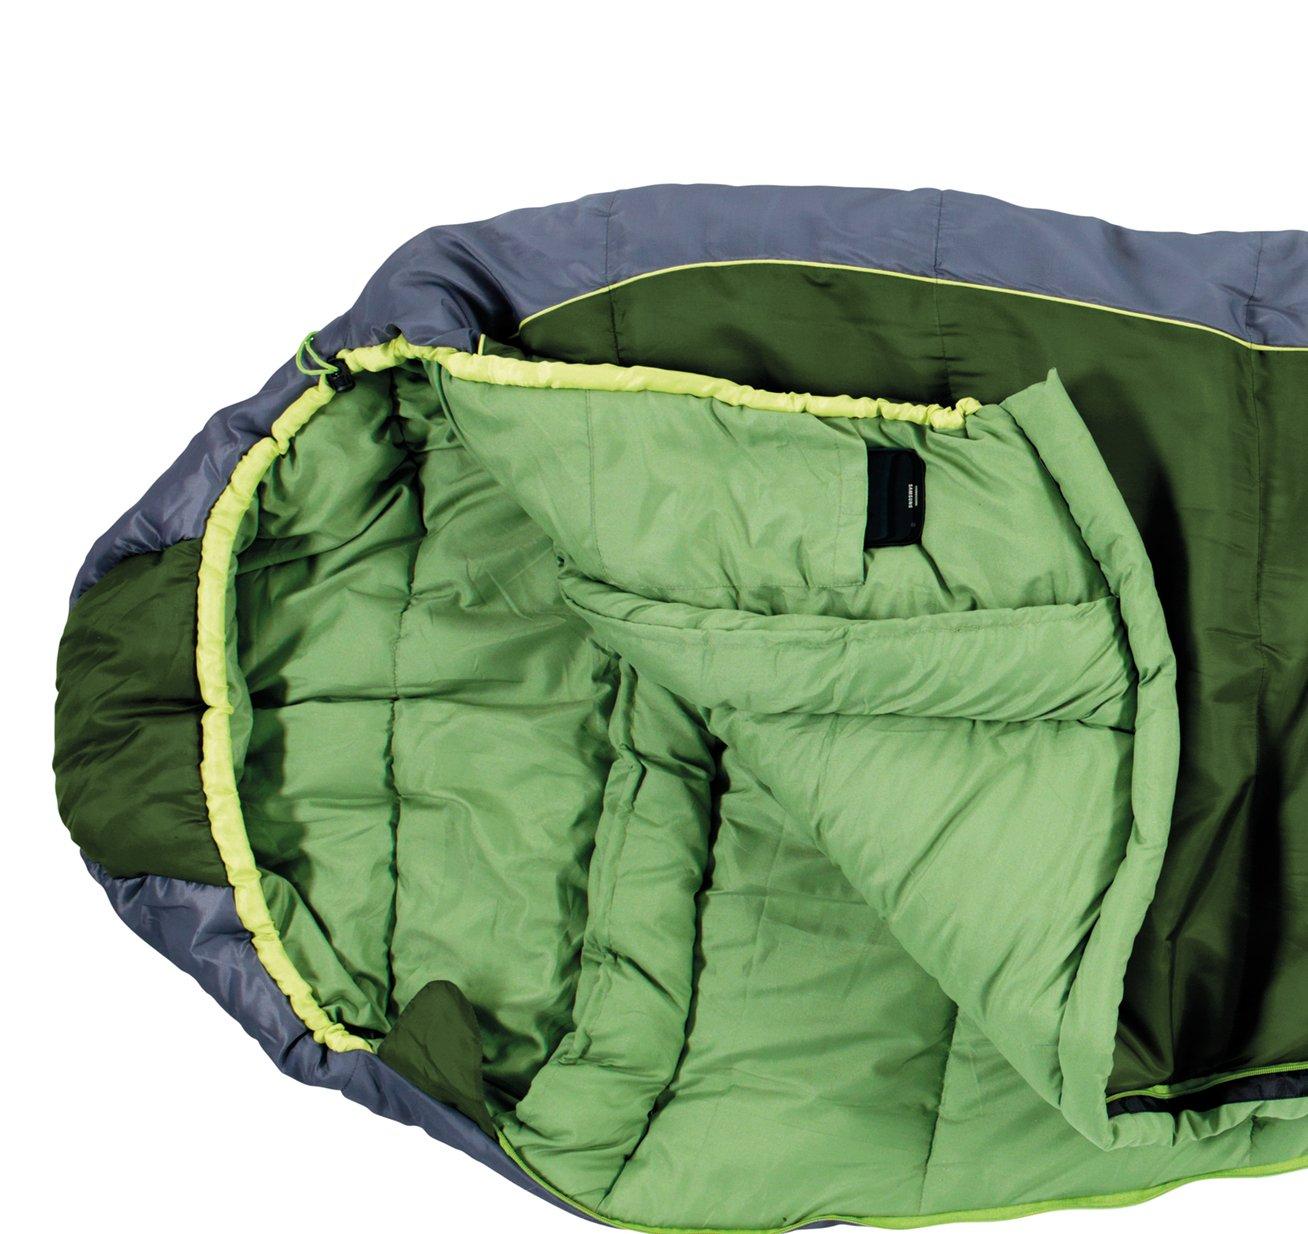 Easy Camp Mumienschlafsack Orbit 400 - Saco de Dormir Momia para Acampada, Color Verde, Talla 38: Amazon.es: Deportes y aire libre